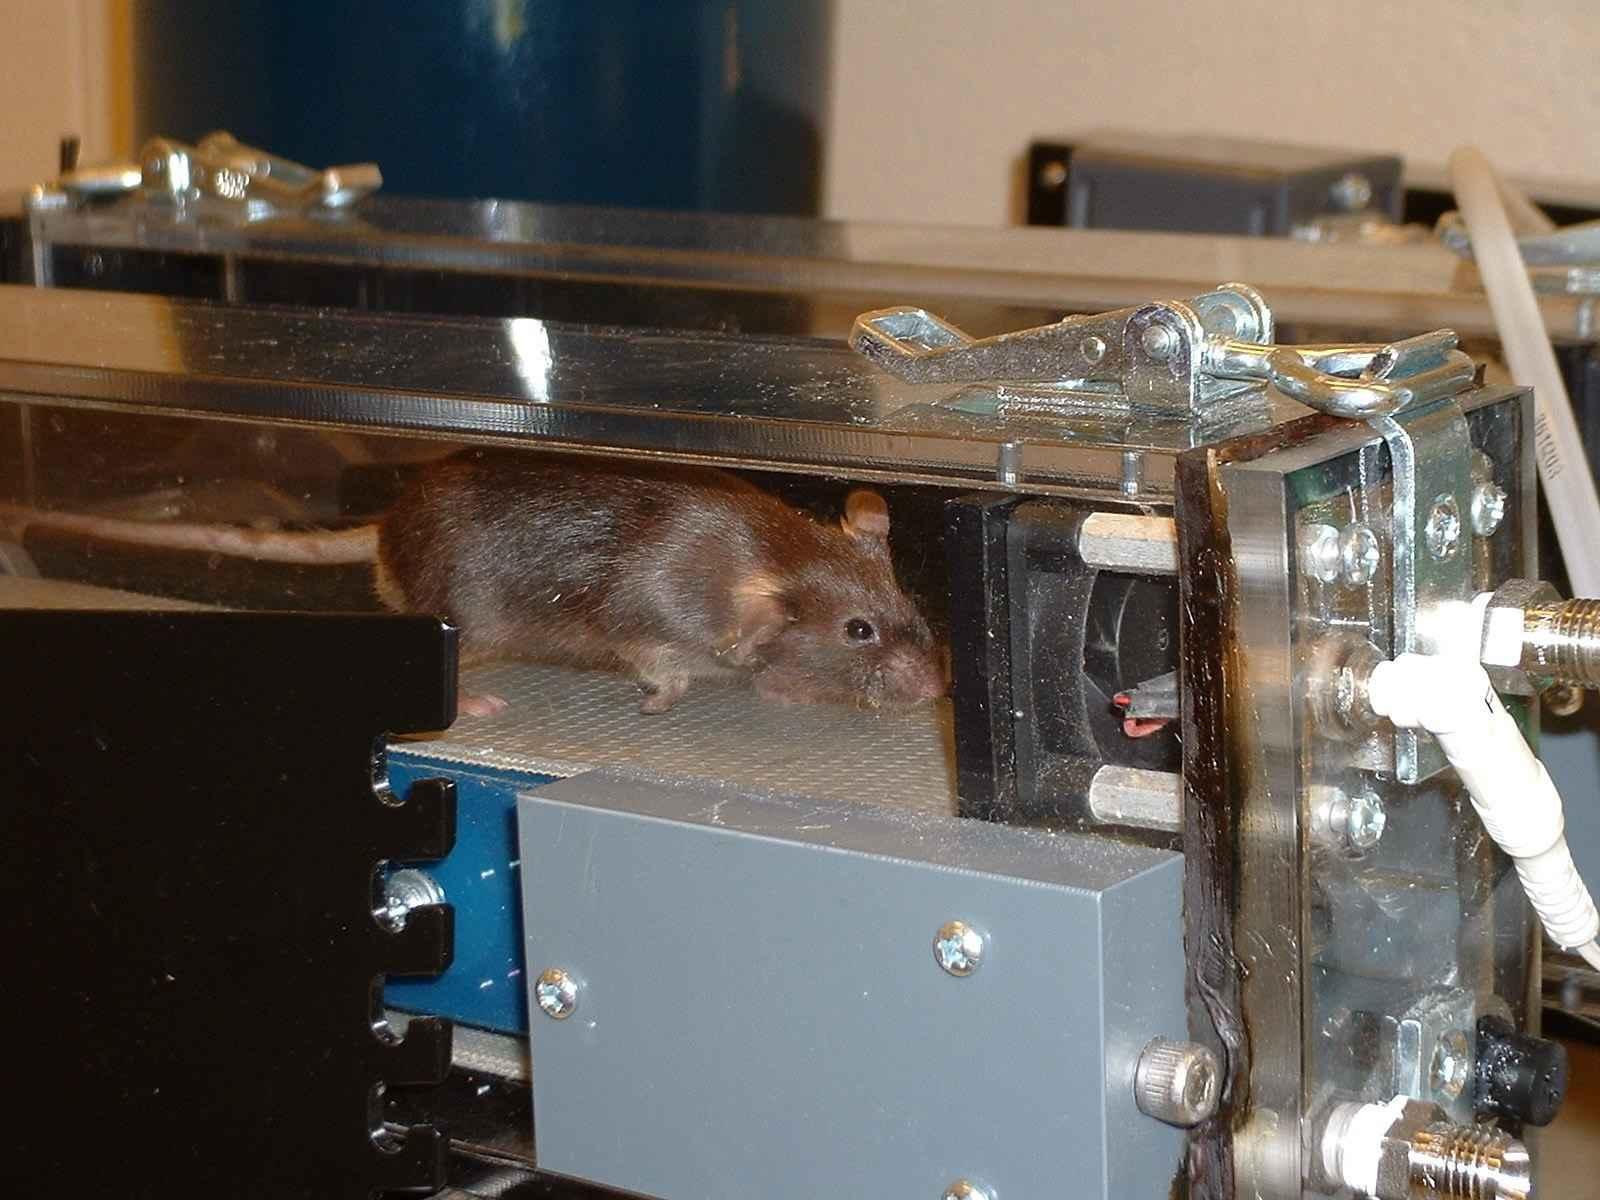 Modificações genéticas como as que geram os super-ratos têm impactos antropológicos